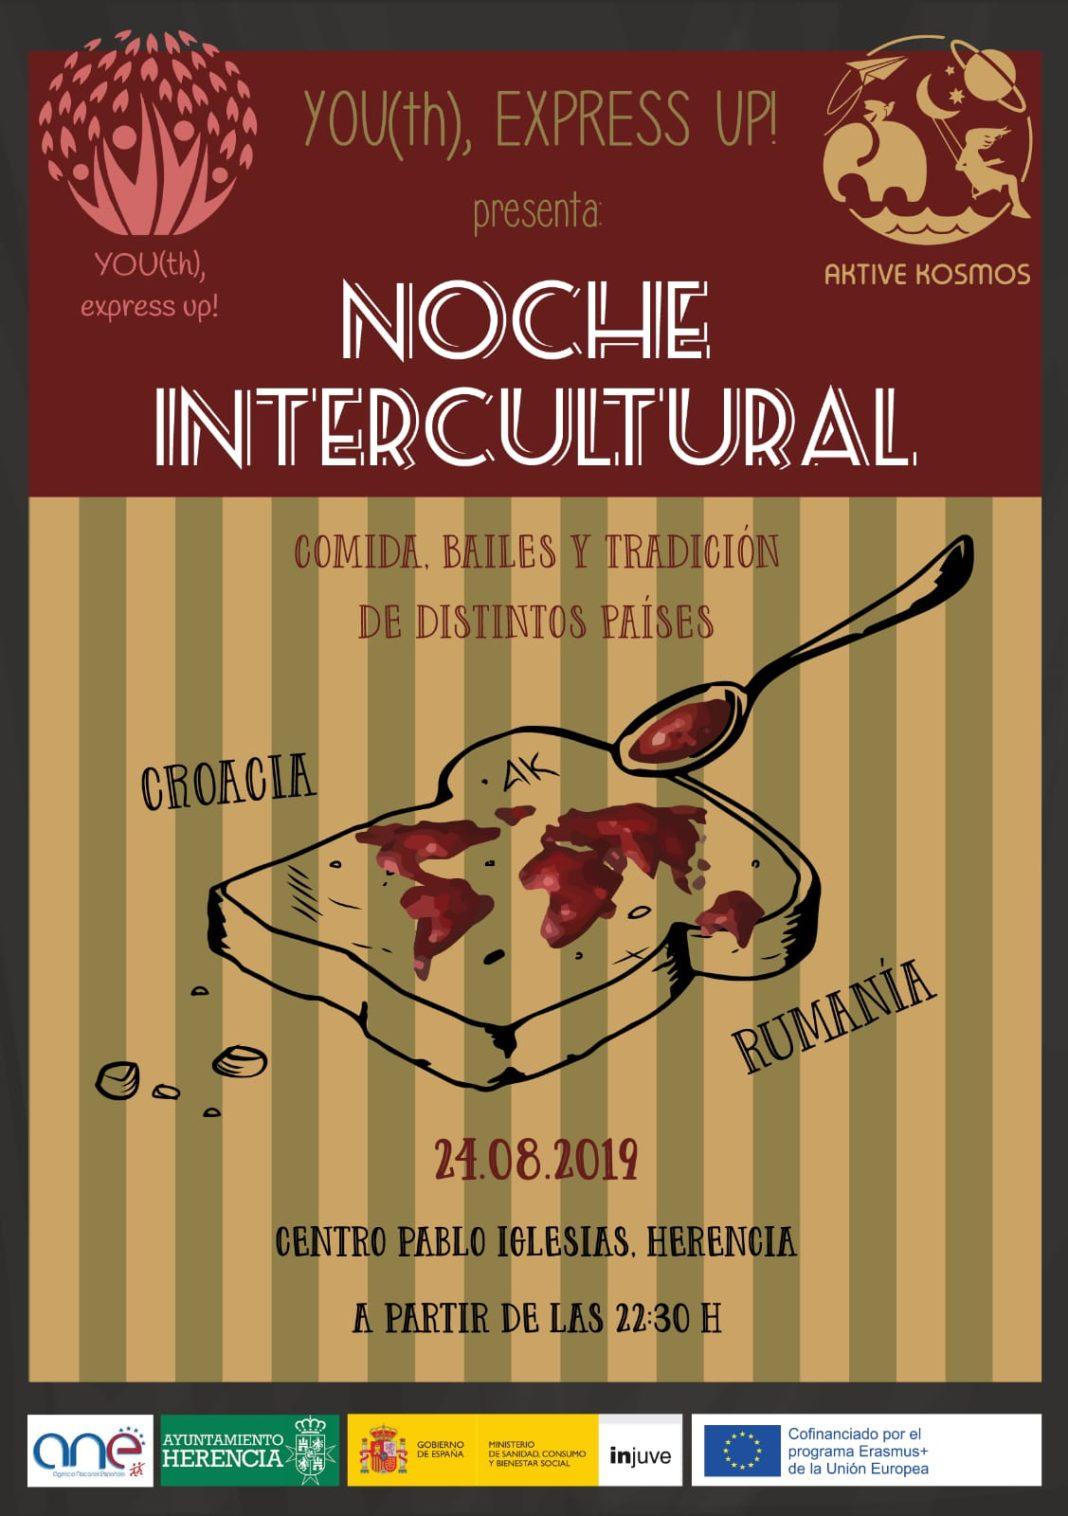 Segunda Noche Intercultural del proyecto Erasmus+ Youth Express Up! 4